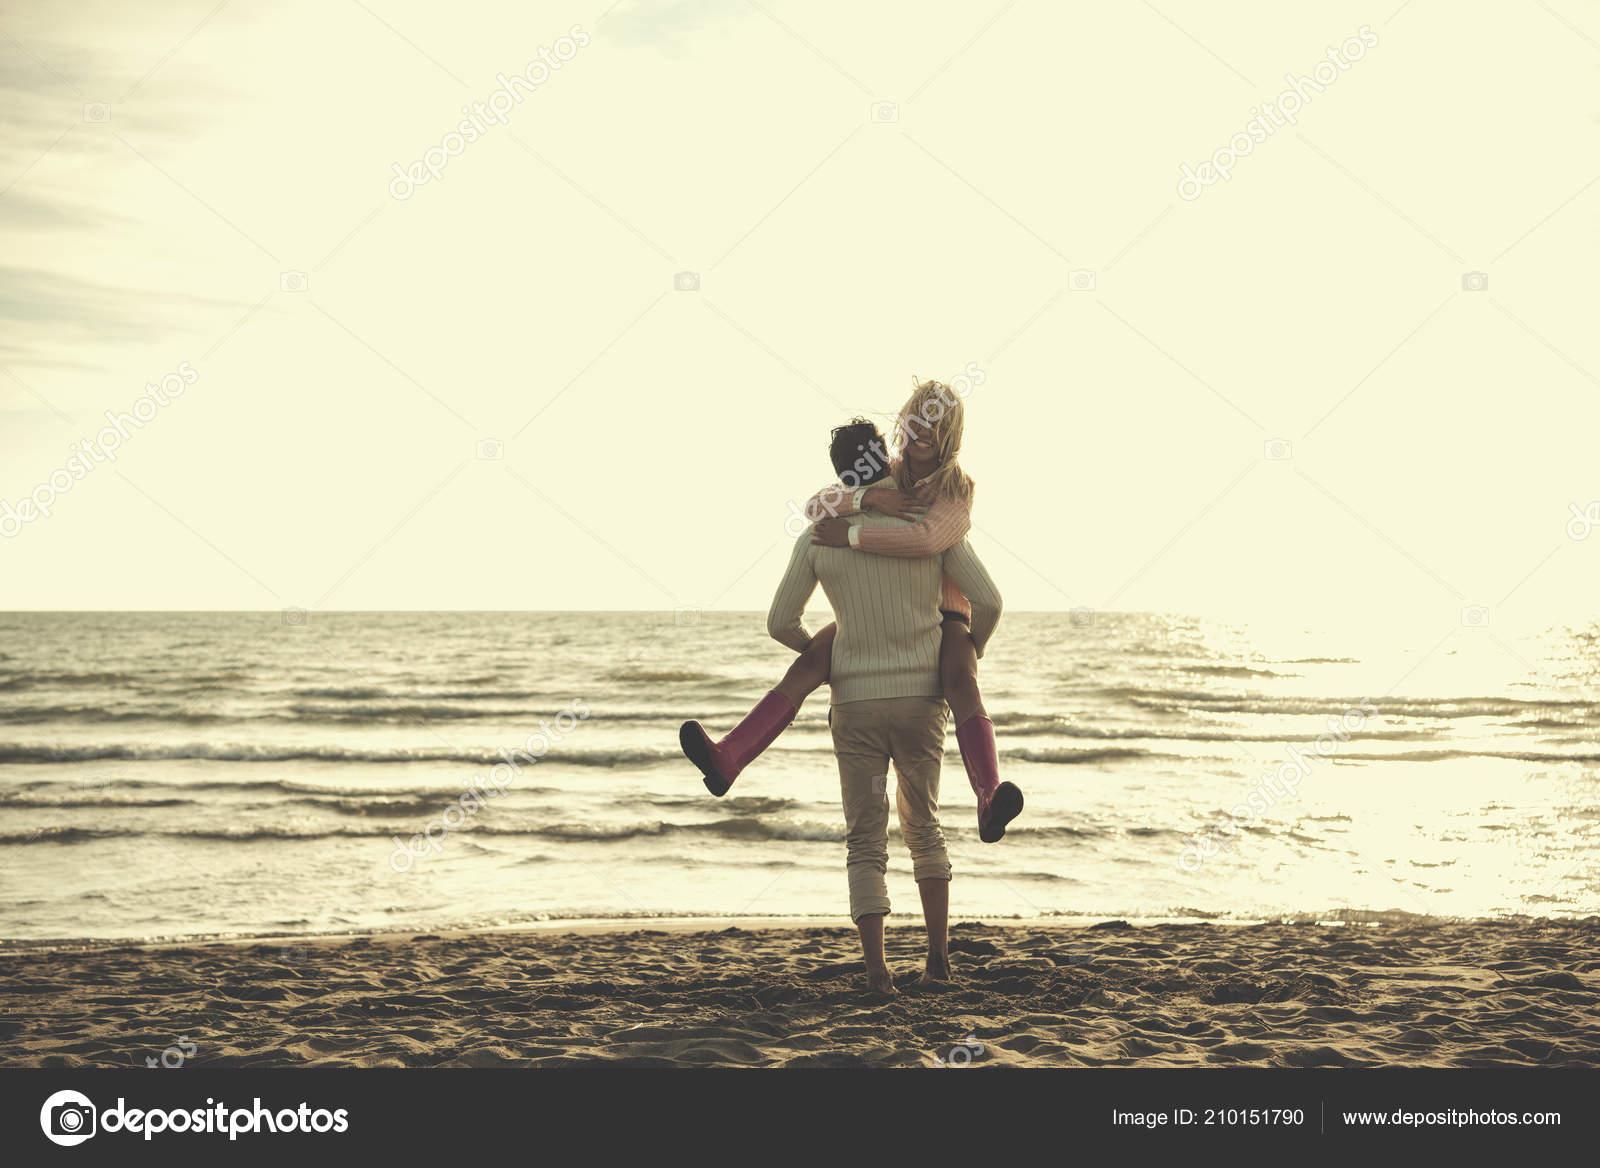 637dc82ae23 Pareja Joven Bien Caminar Abrazos Playa Durante Filtro Día Soleado — Foto  de Stock